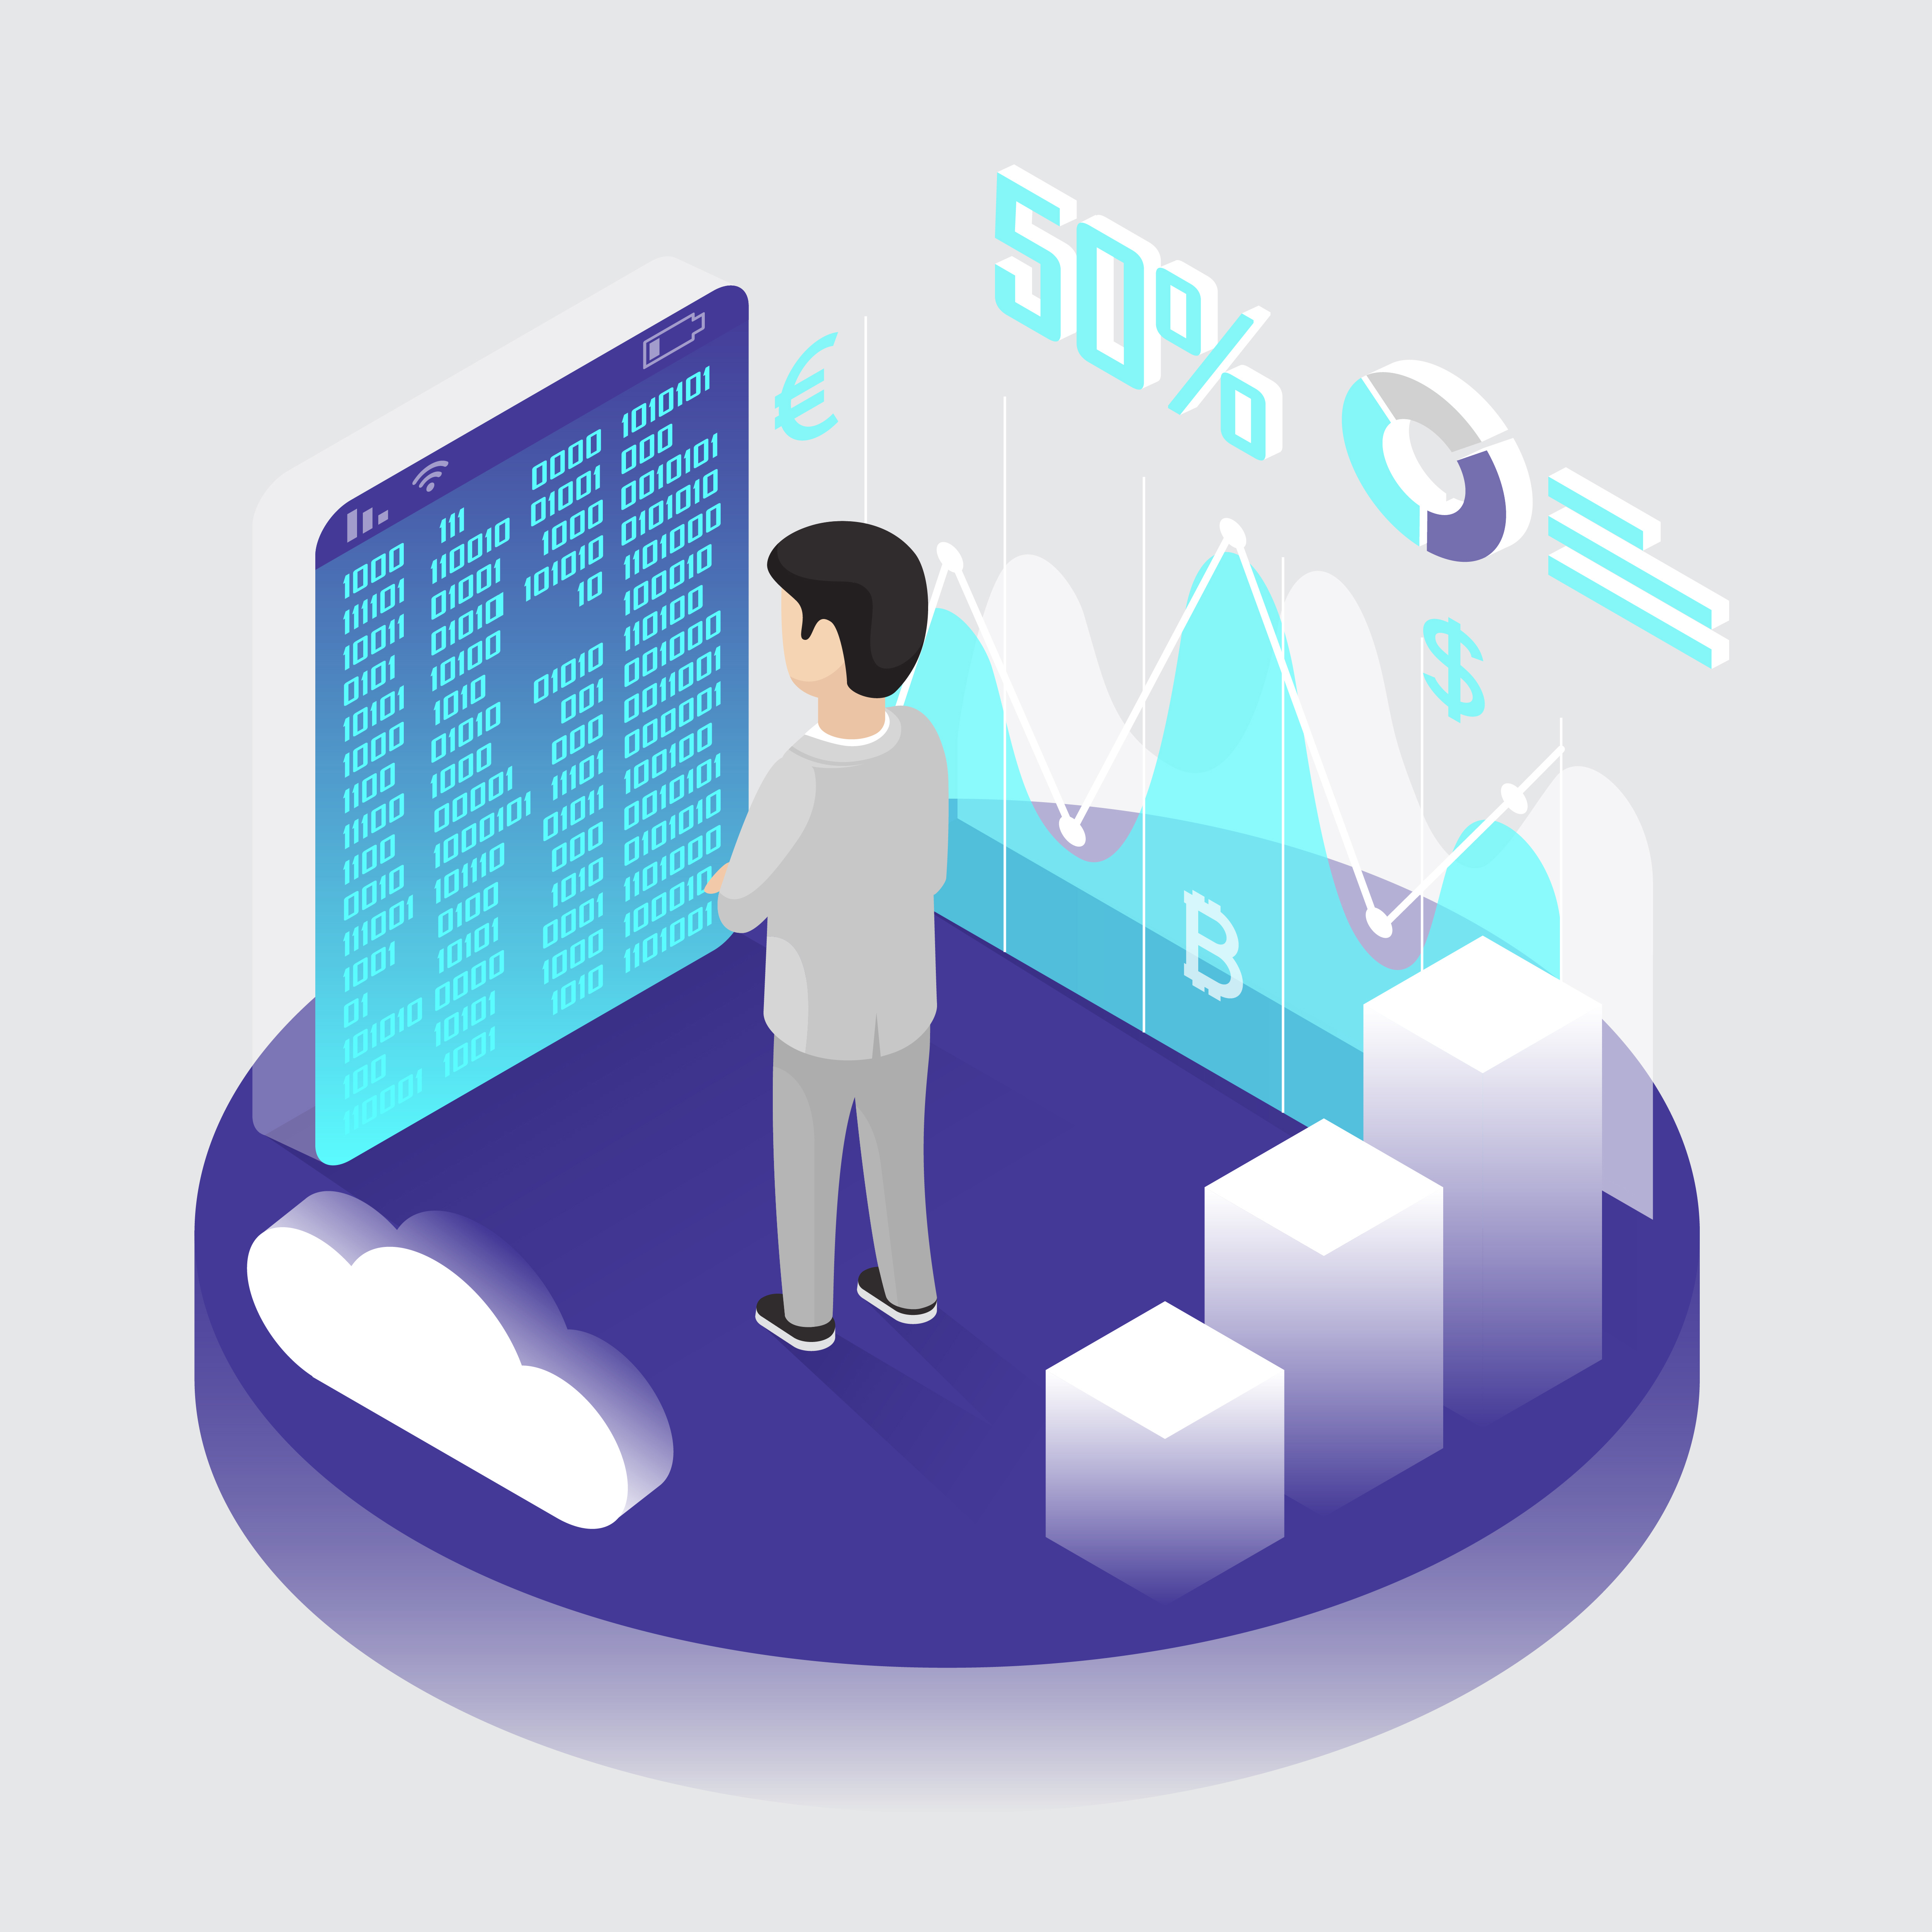 Dukung SPBE, Pemprov Jateng Bangun Portal Data Seperti Google